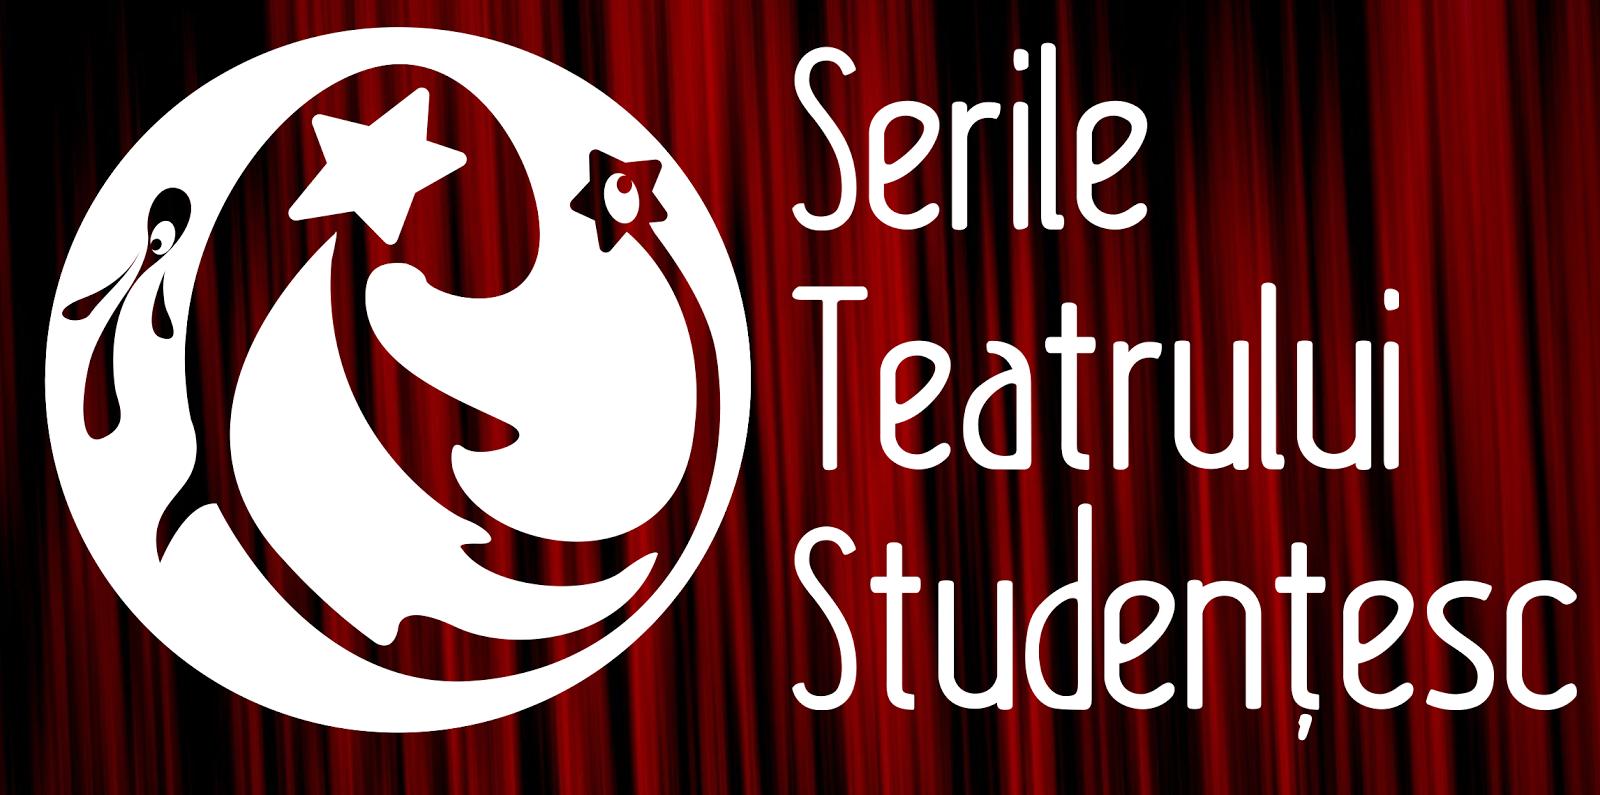 Cine merge la Serile Teatrului Studentesc? #STS - Silviu Pal Blog